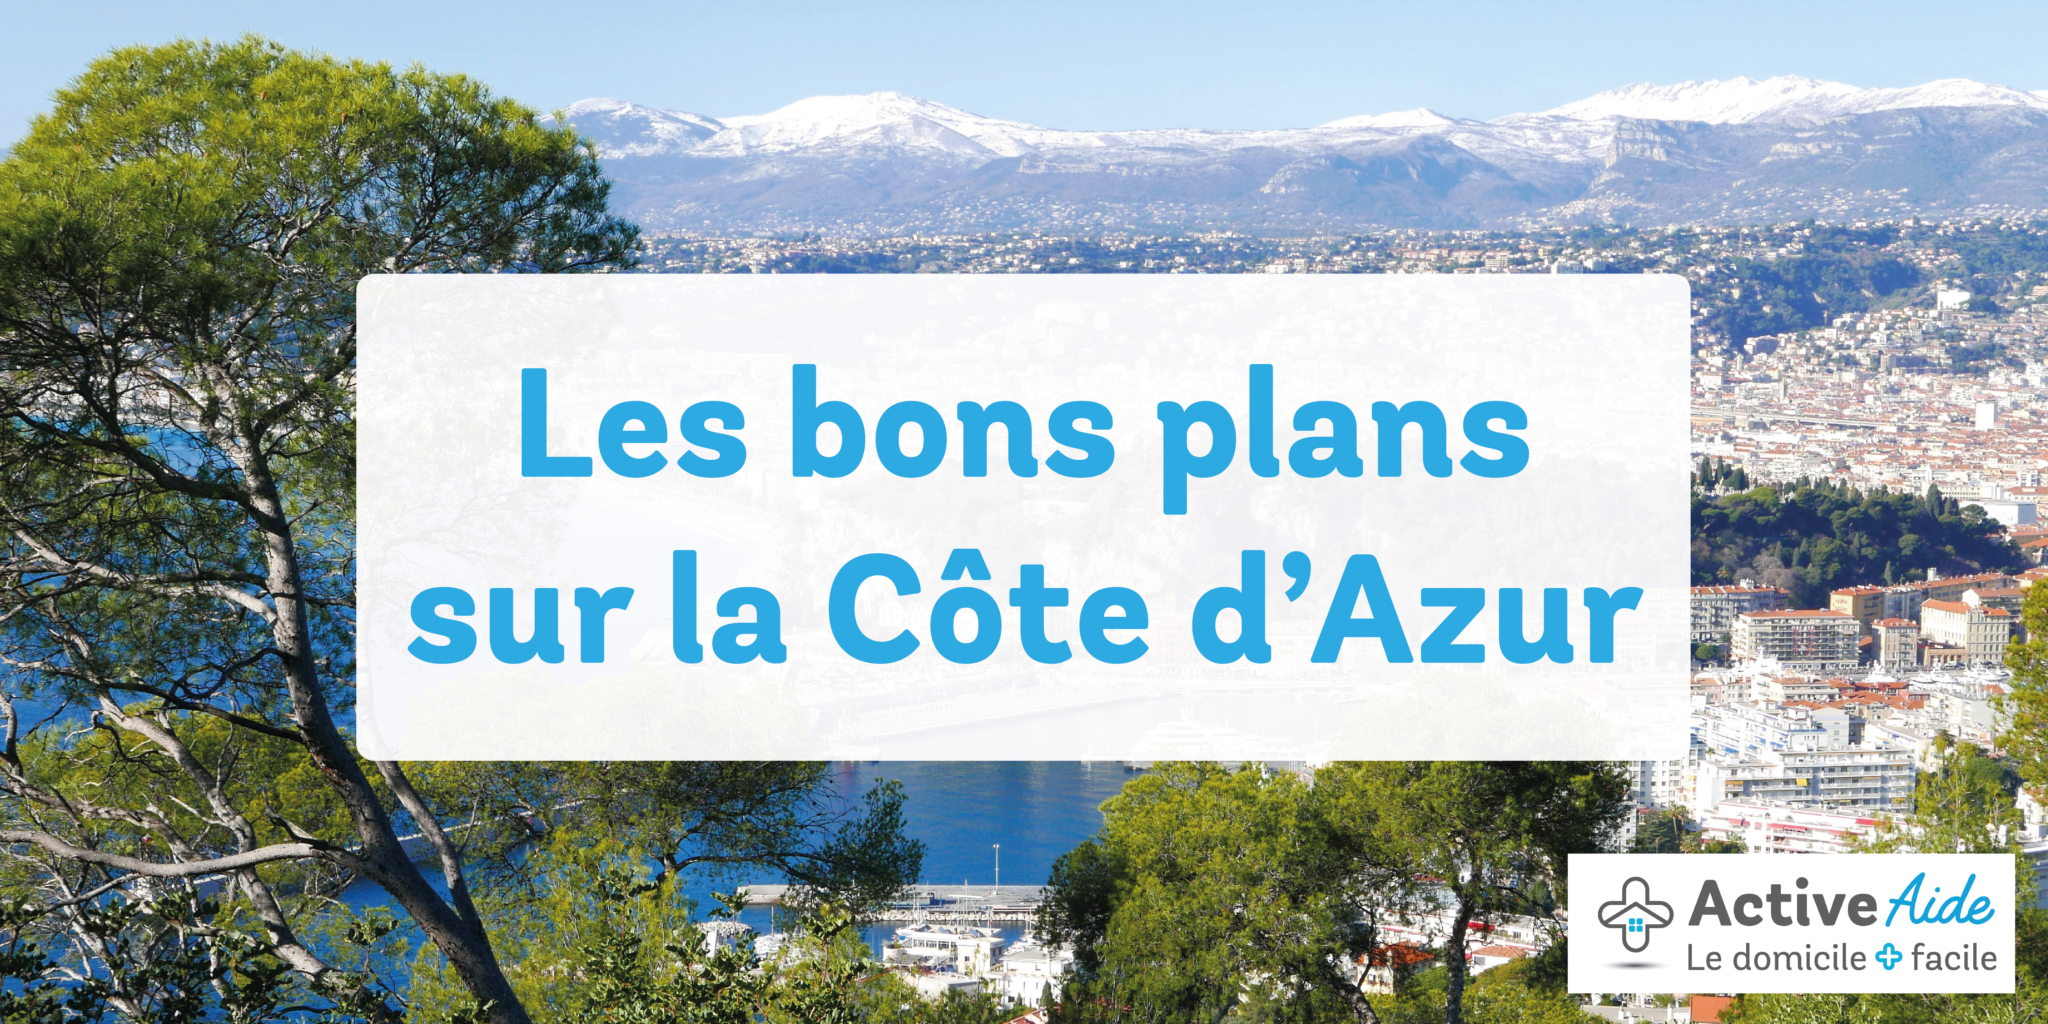 Les bons plans sur la Côte d'Azur en mars 2018